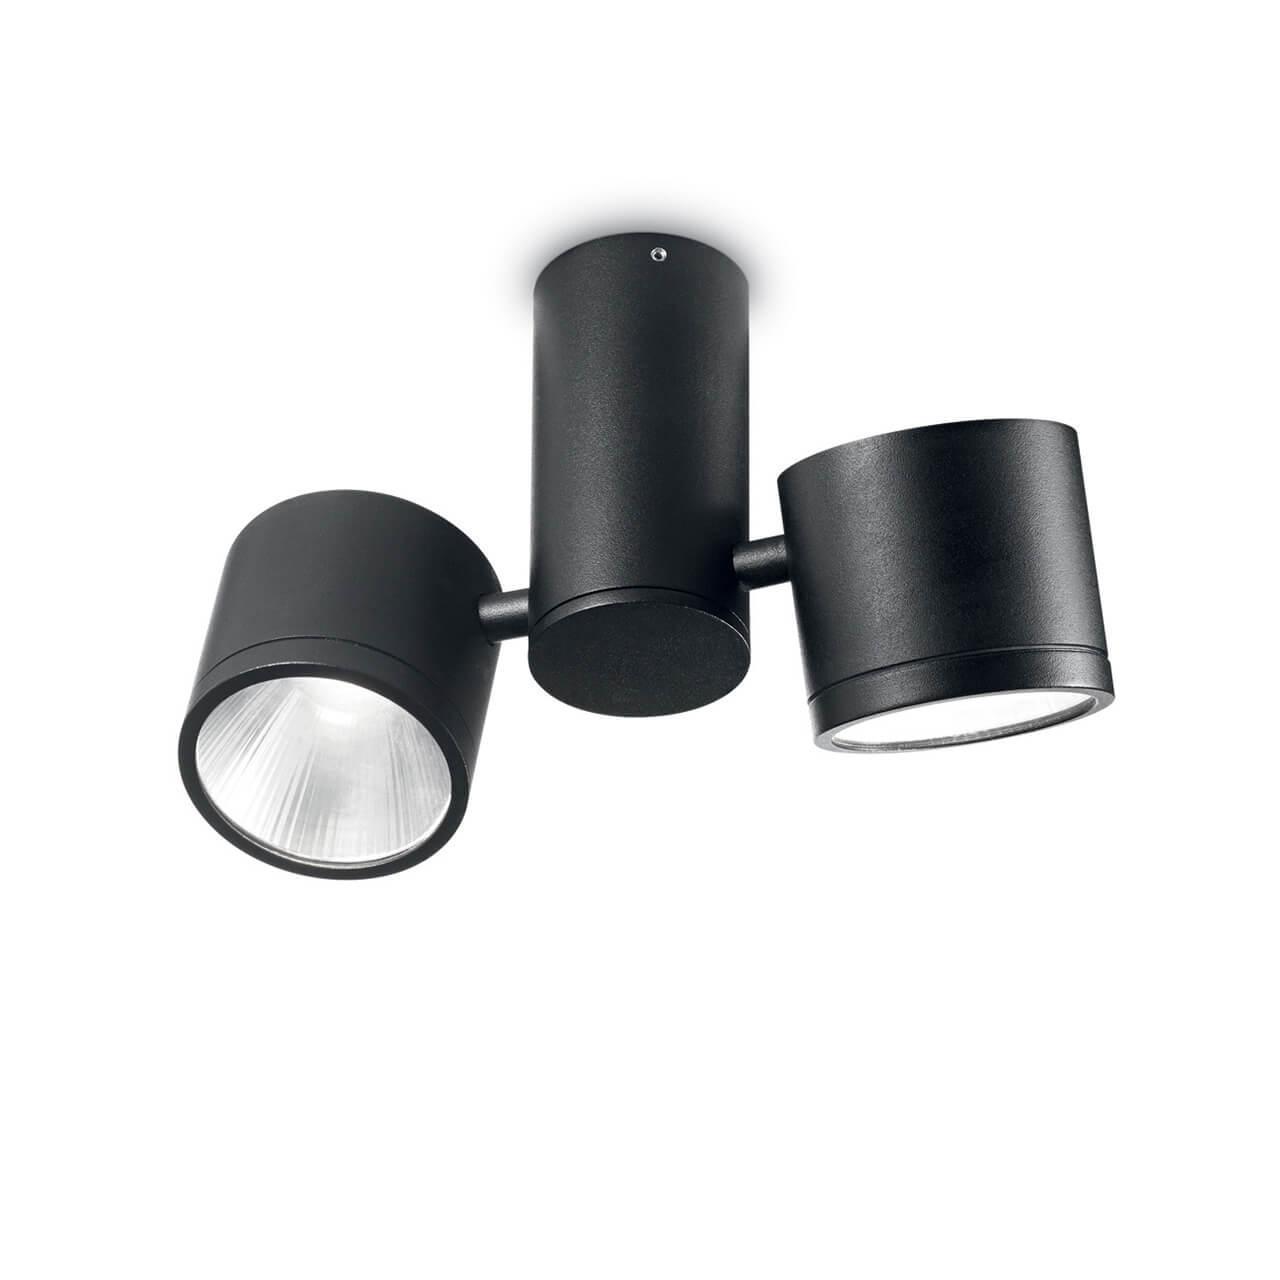 Уличный светодиодный светильник Ideal Lux Sunglasses Pl2 Nero